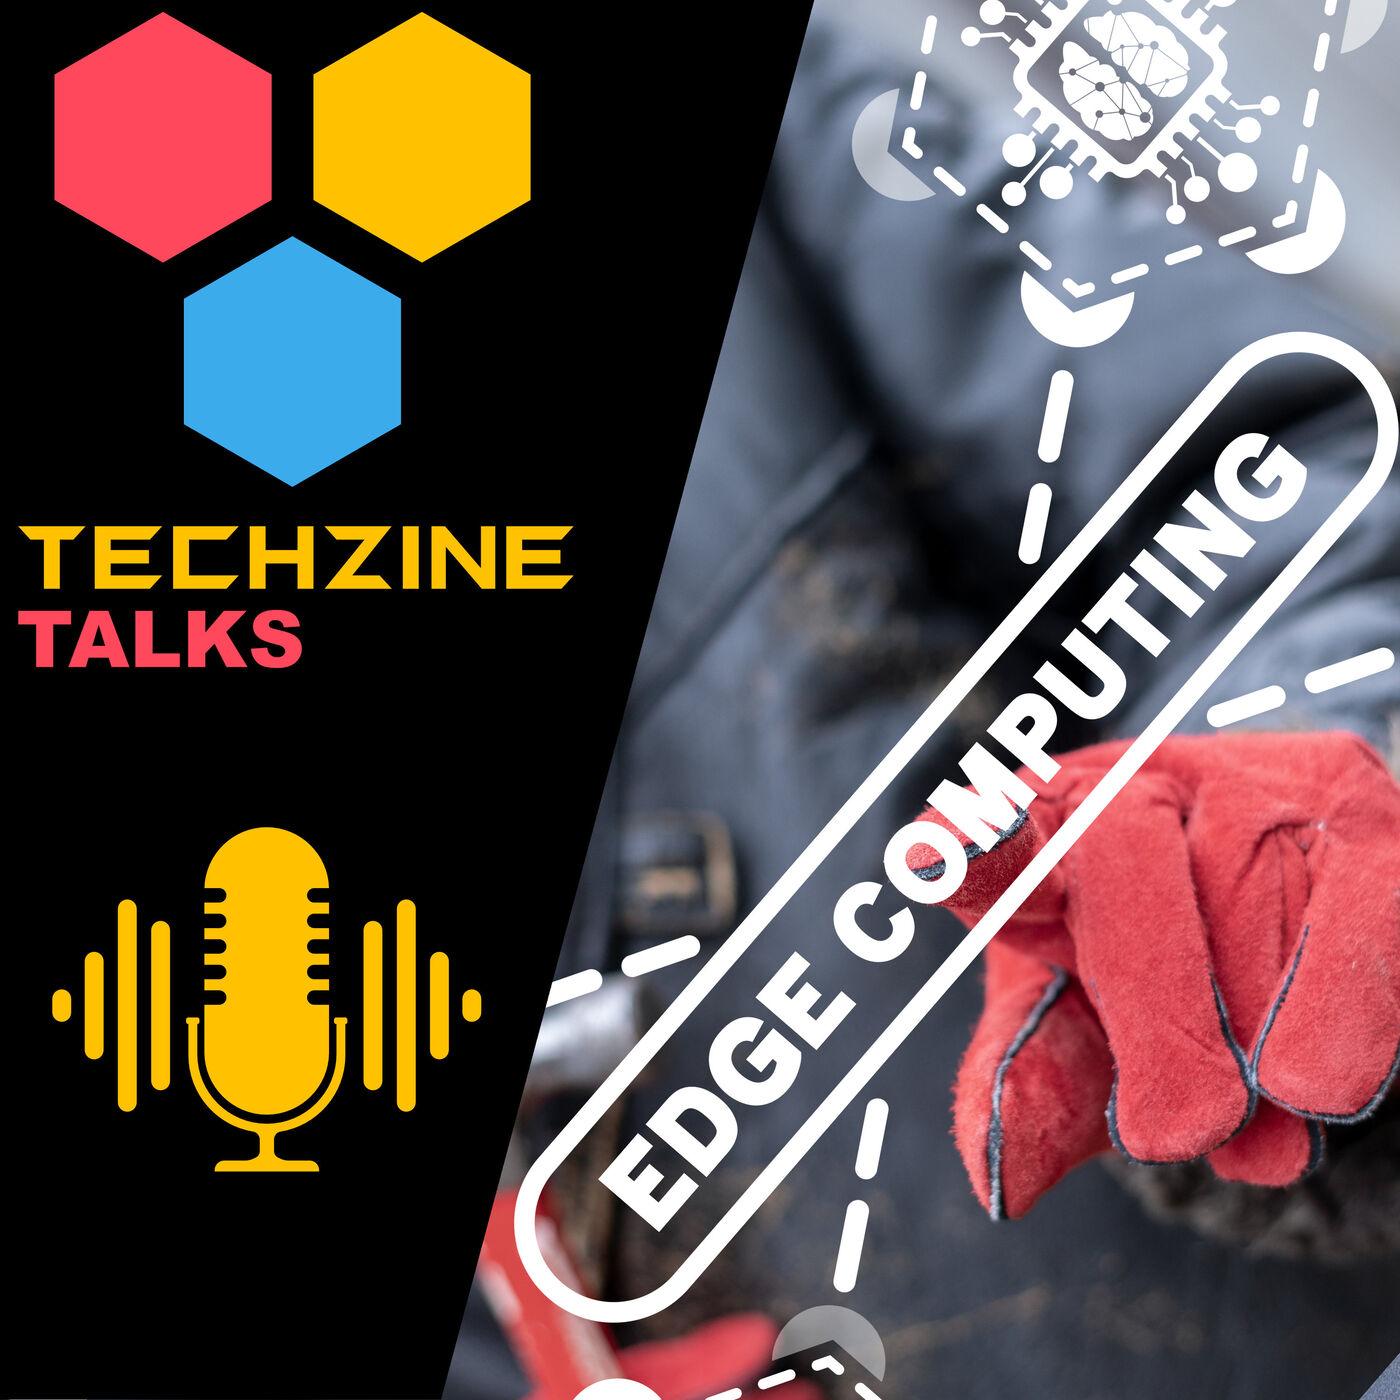 Edge Computing - The Next Big Thing?